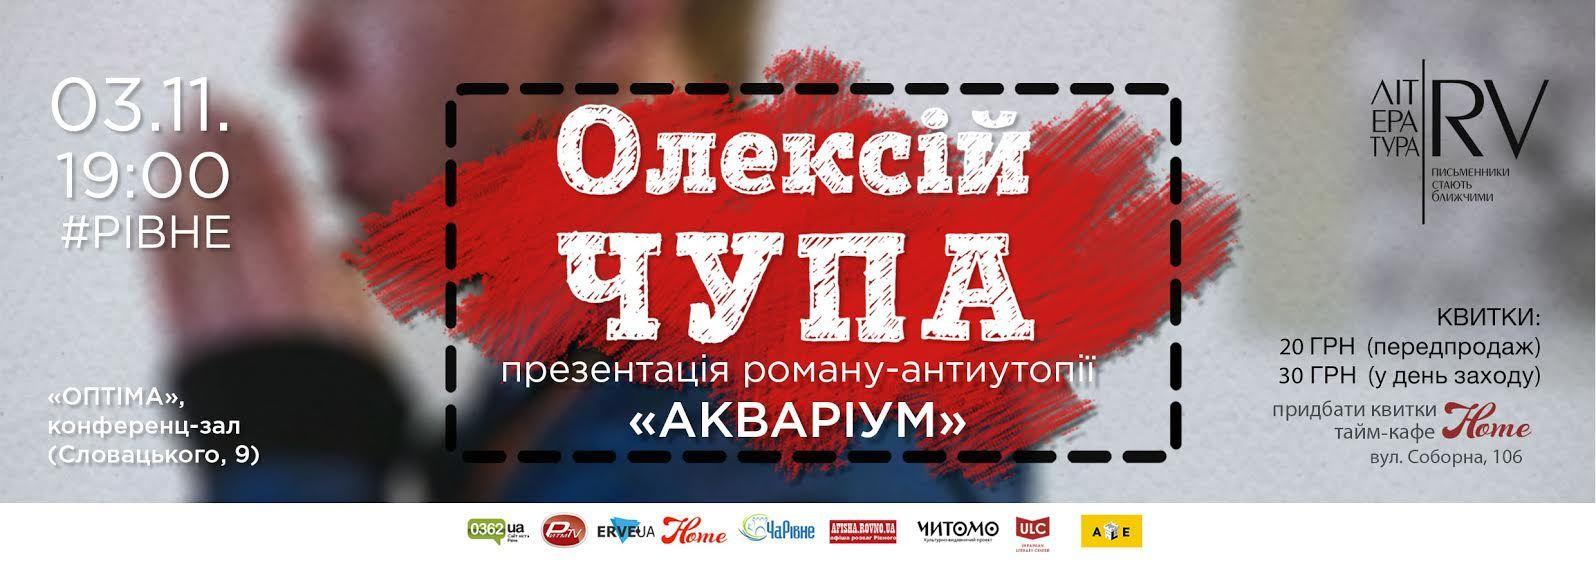 Олексій Чупа приїде у Рівне